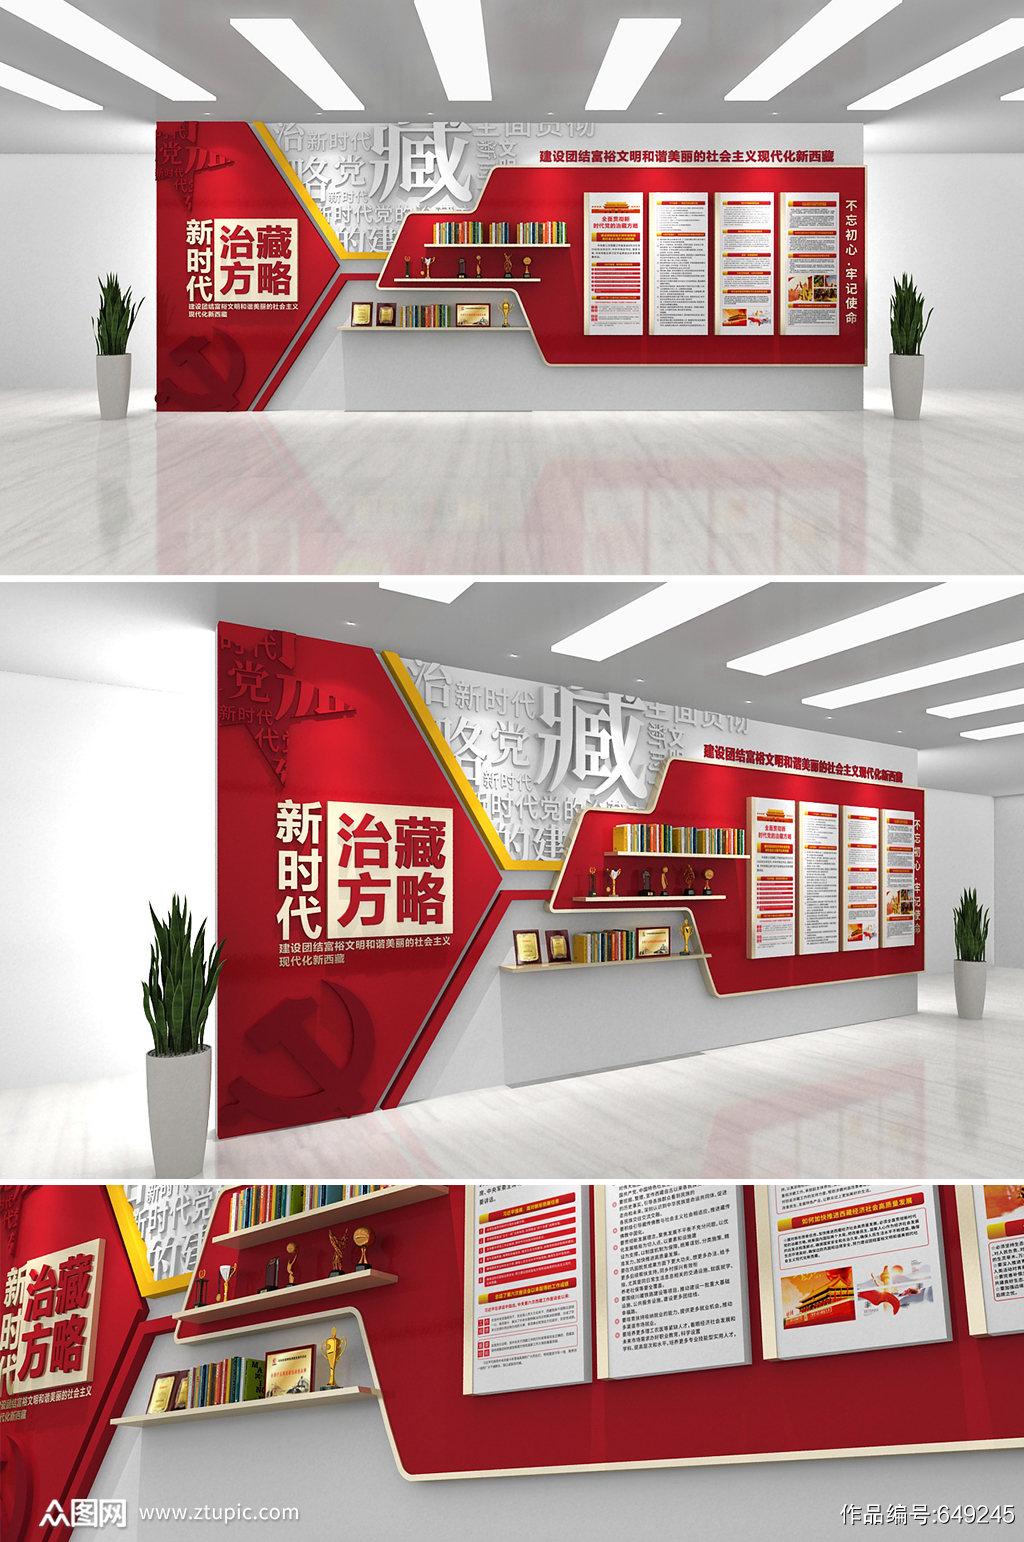 红色书架党建治藏方针工作西藏党建墙素材